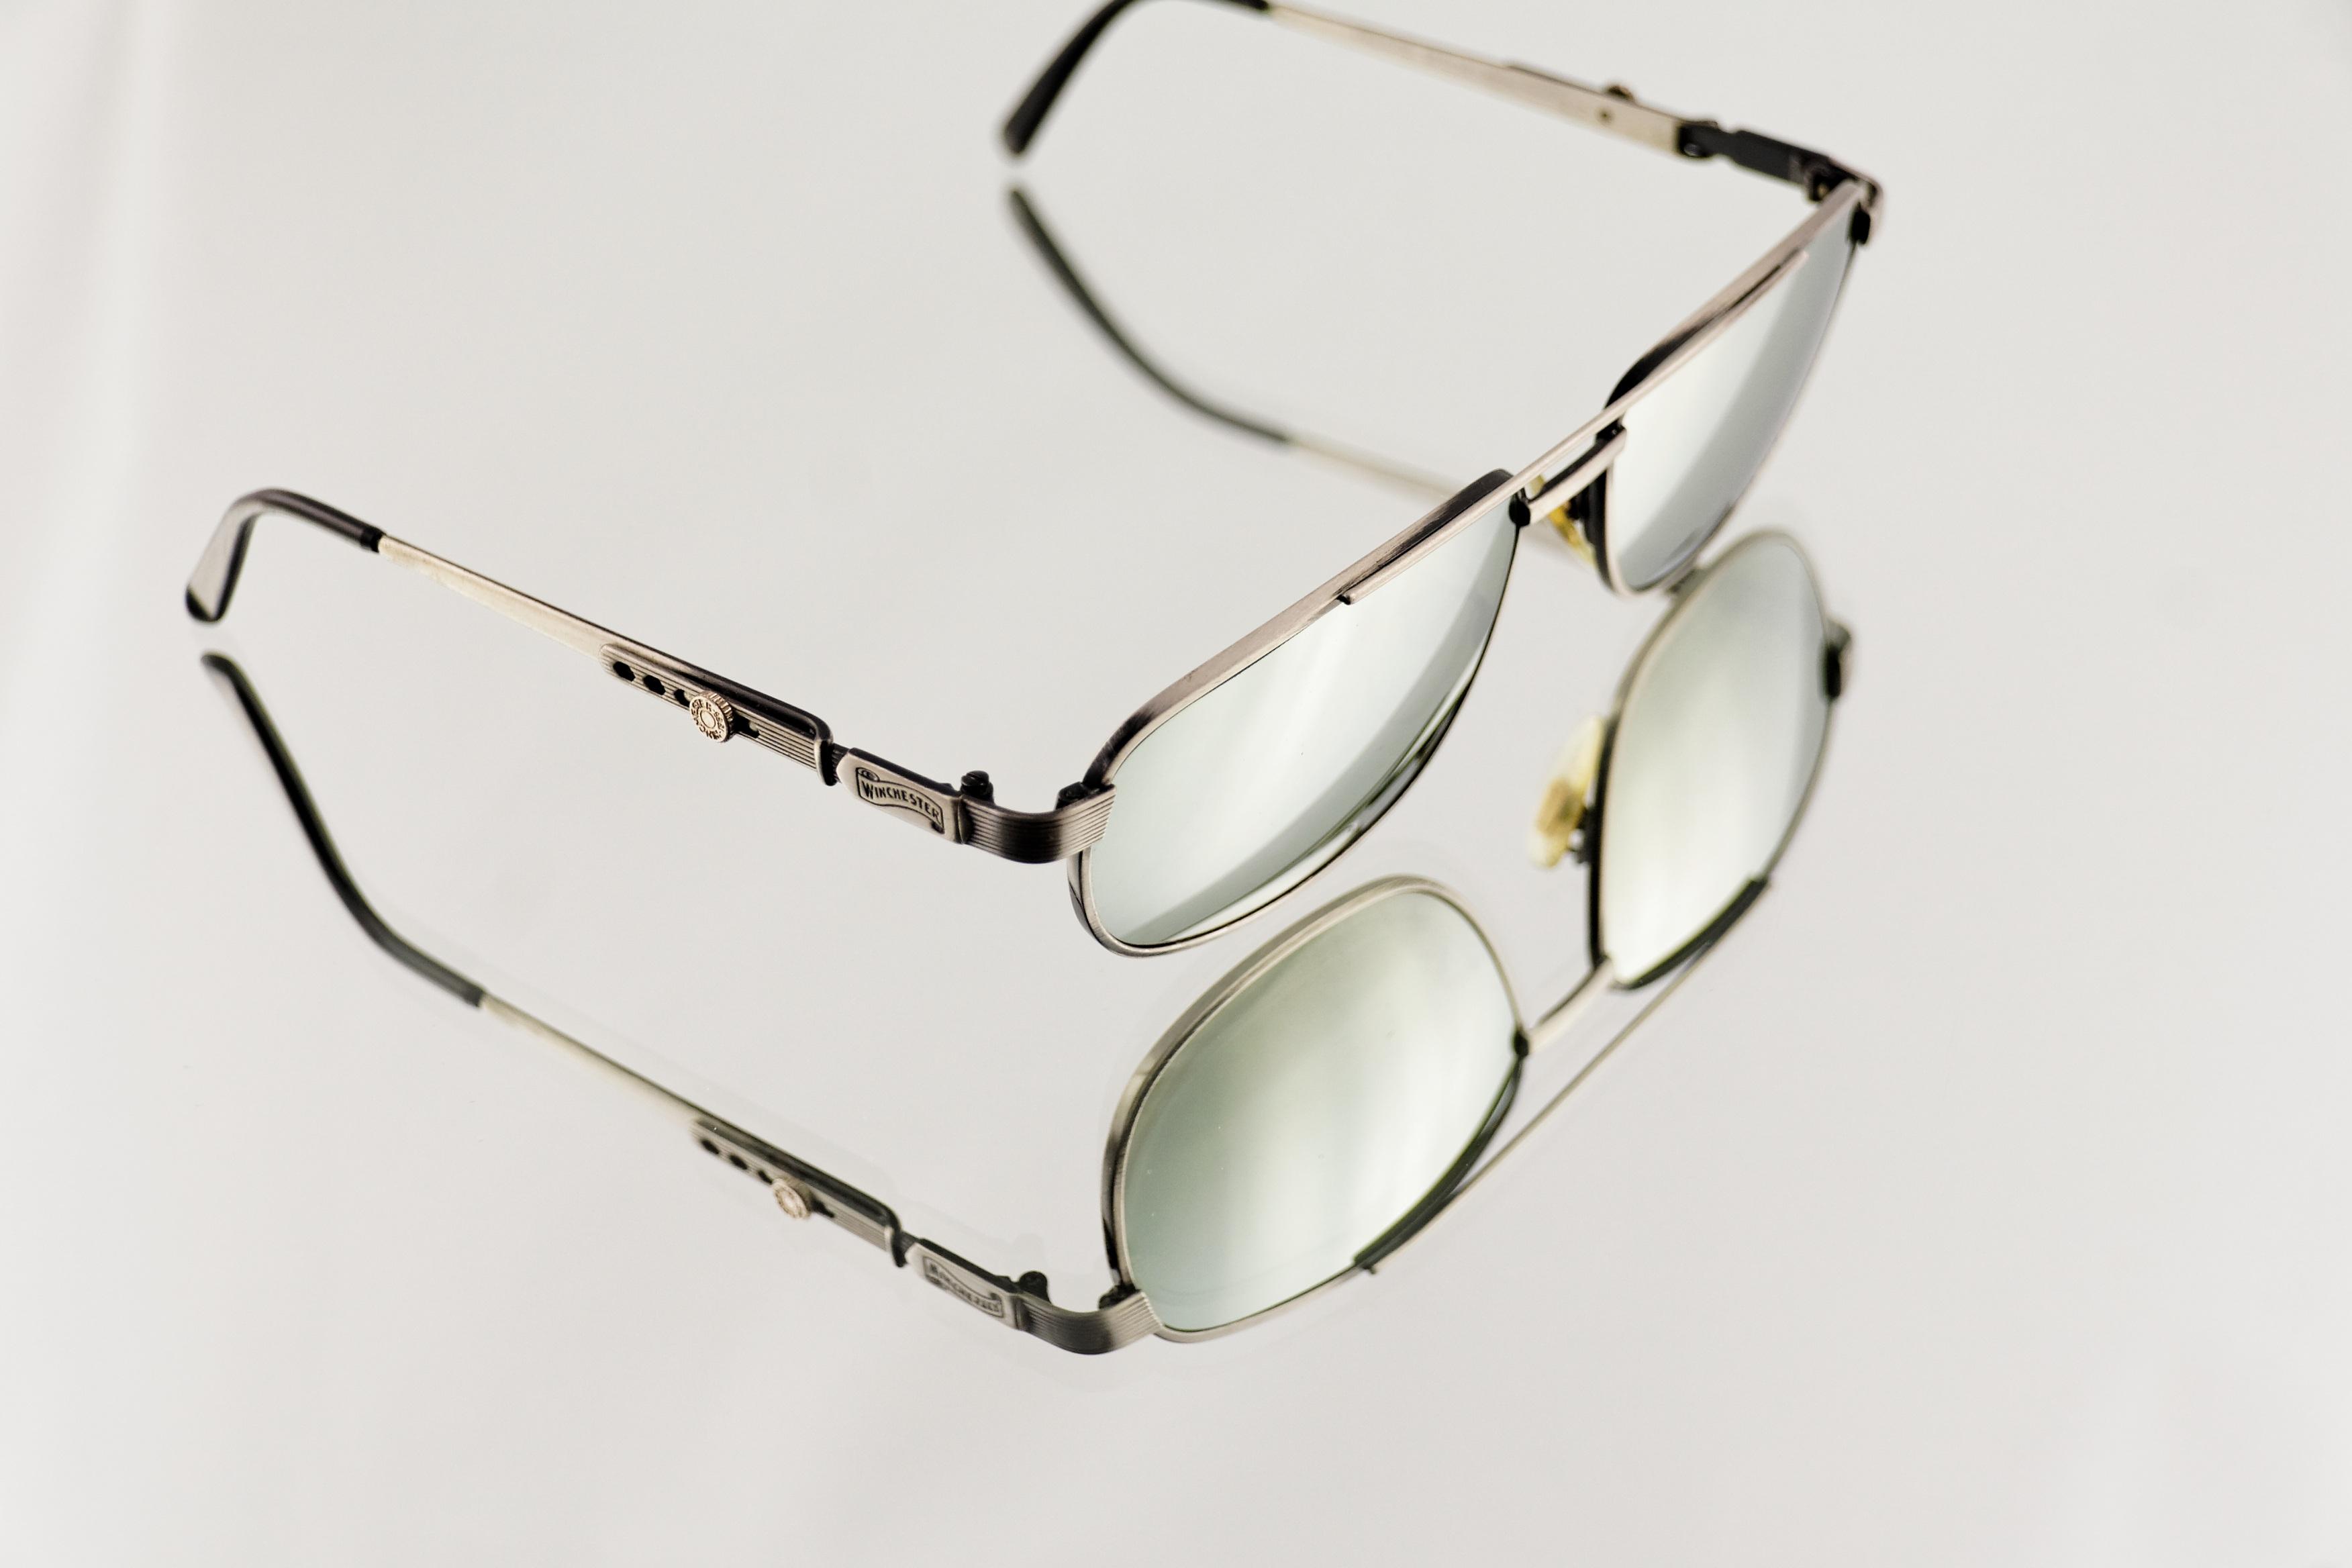 Fotos gratis : verano, oscuro, marco, fuente, Gafas de sol, gafas de ...